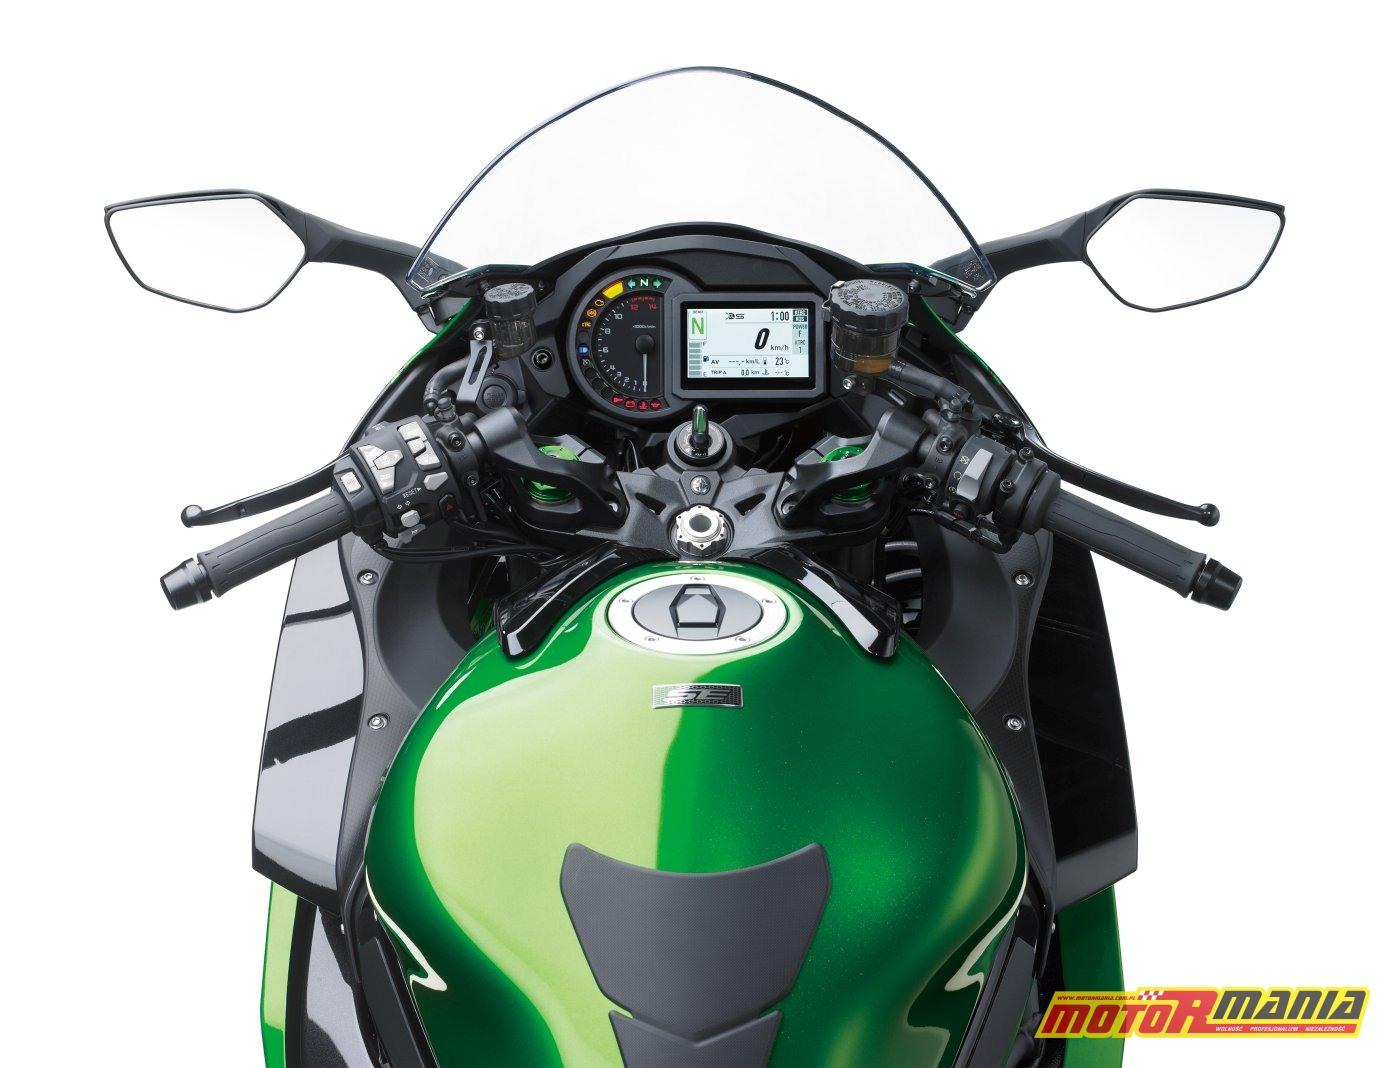 Kawasaki Ninja N2 SX SE 2018 (14)